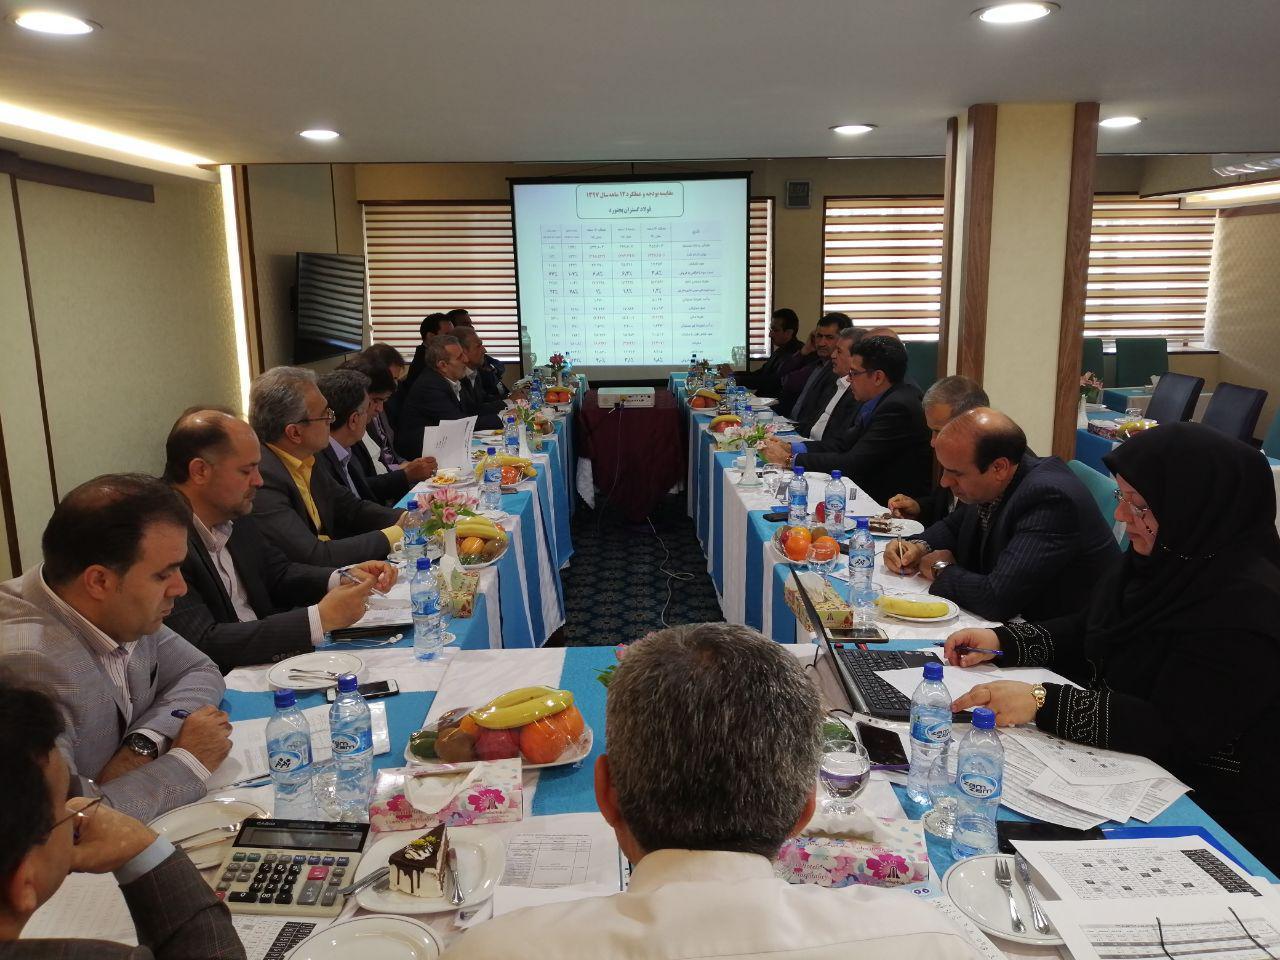 همایش مدیران عامل، مدیران بازرگانی و مالی شرکت های زیرمجموعه 28 فروردین 1398